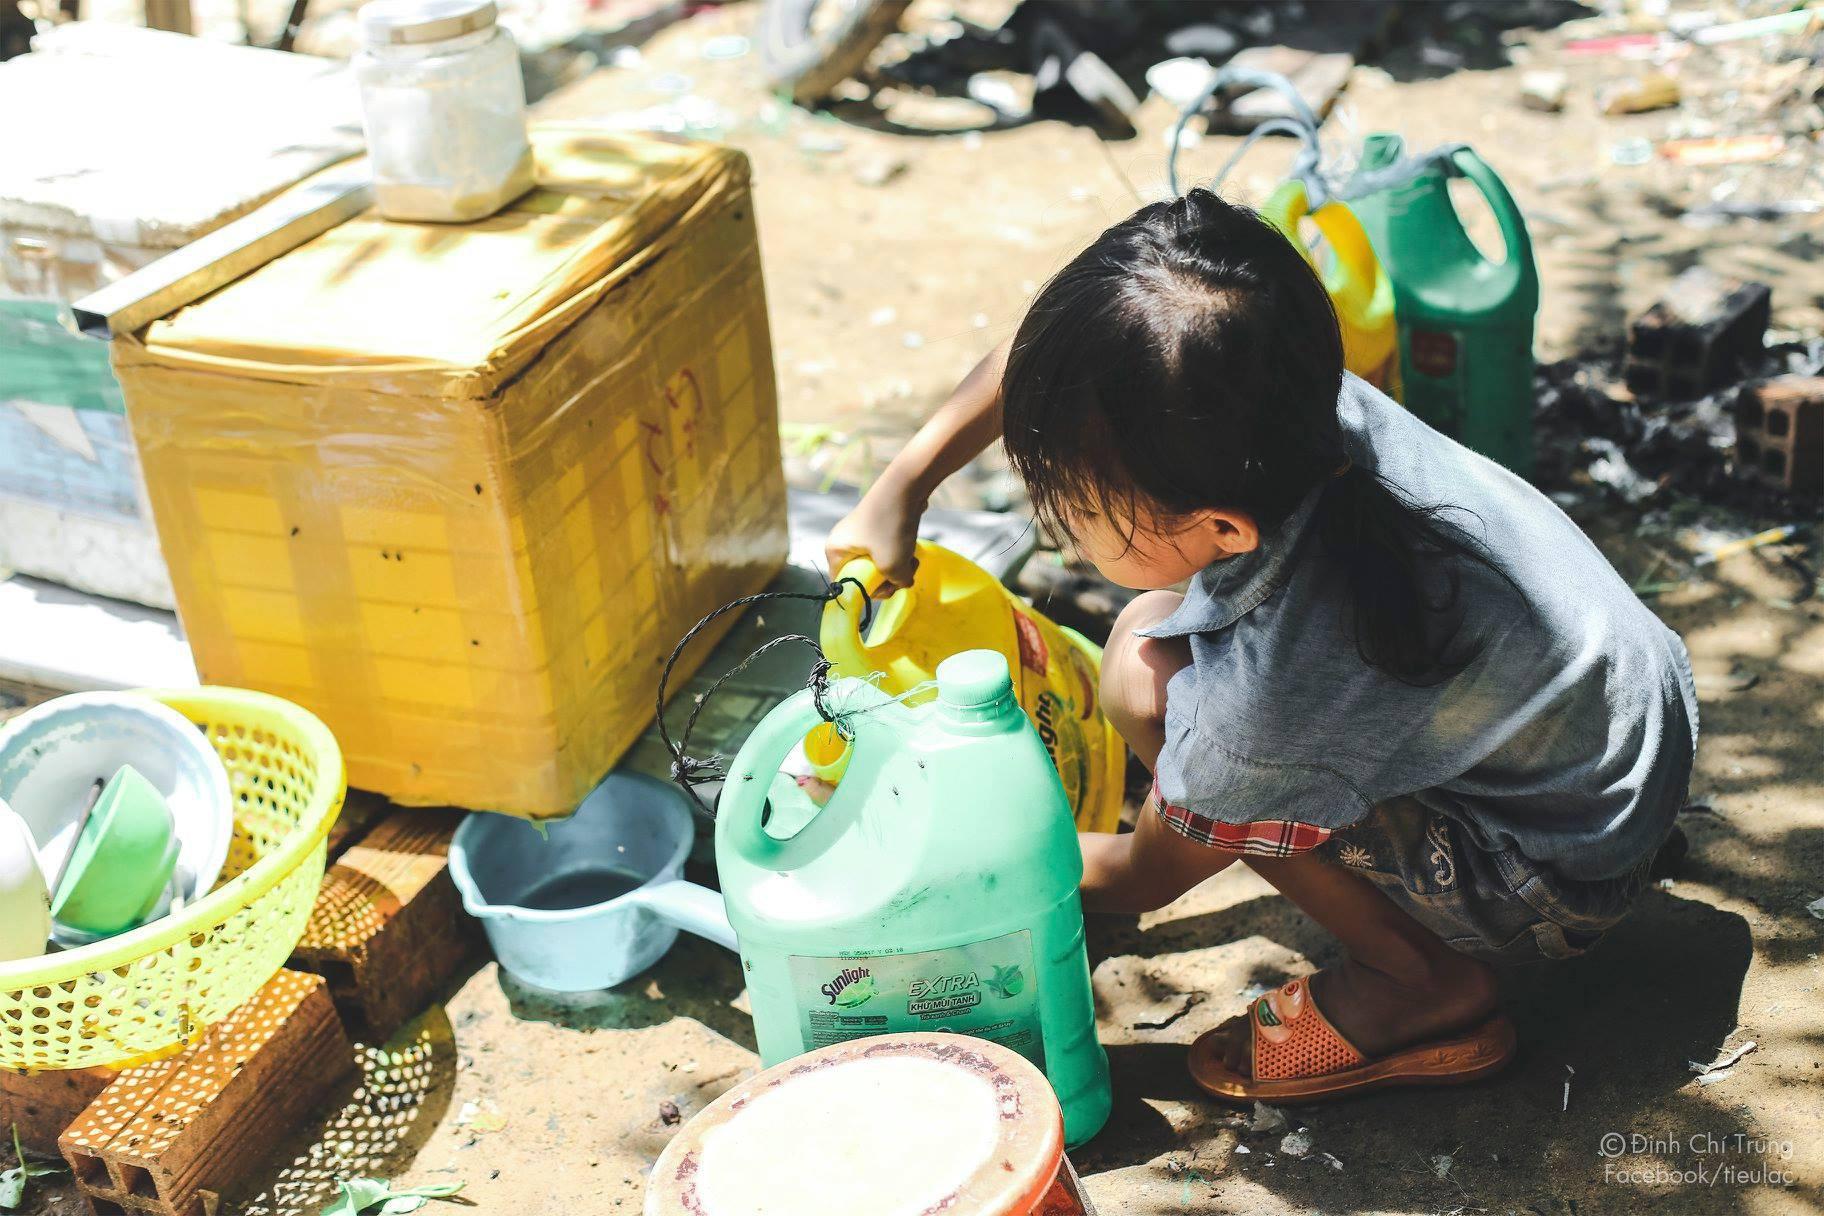 Chuyện của cô bé 9 tuổi sống ở bãi rác Phú Quốc và chàng kỹ sư nông nghiệp đi khắp đất nước kể chuyện trẻ thơ - Ảnh 5.